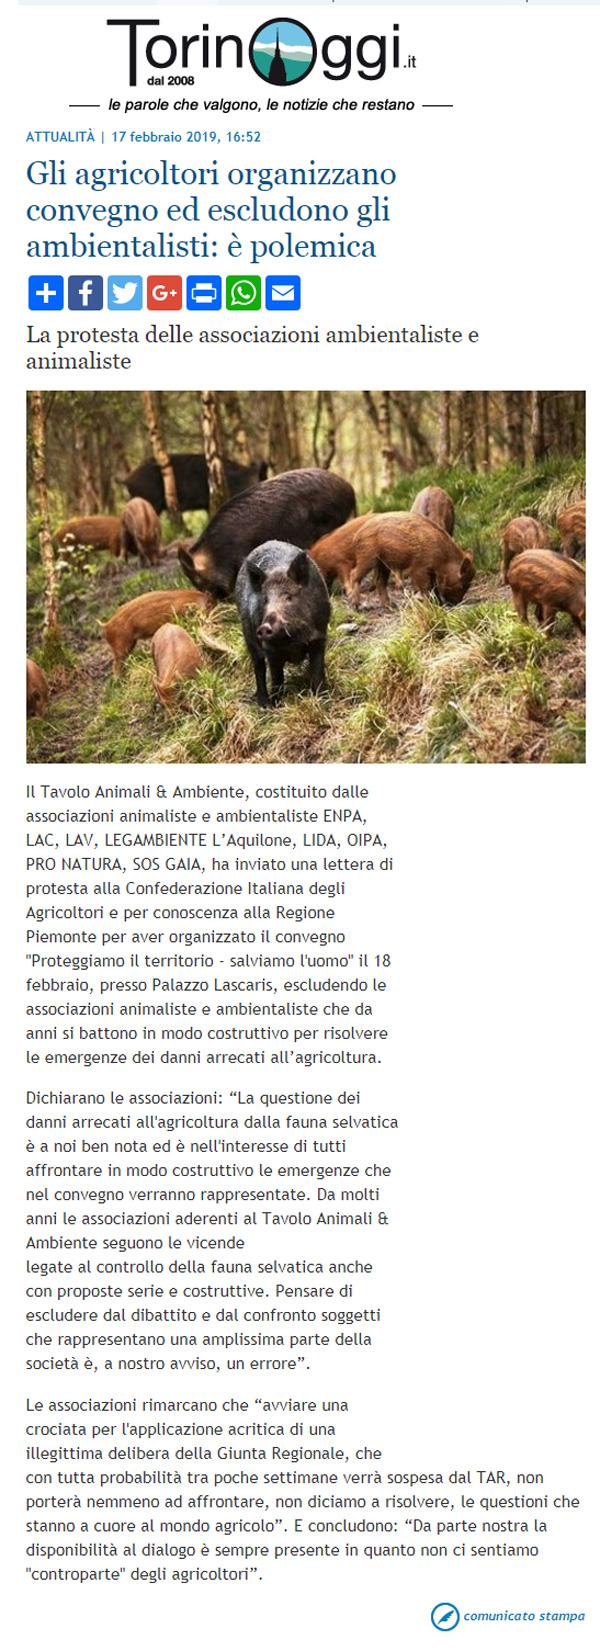 torinoggi-17-02-2019-protesta-convegno-agricoltori